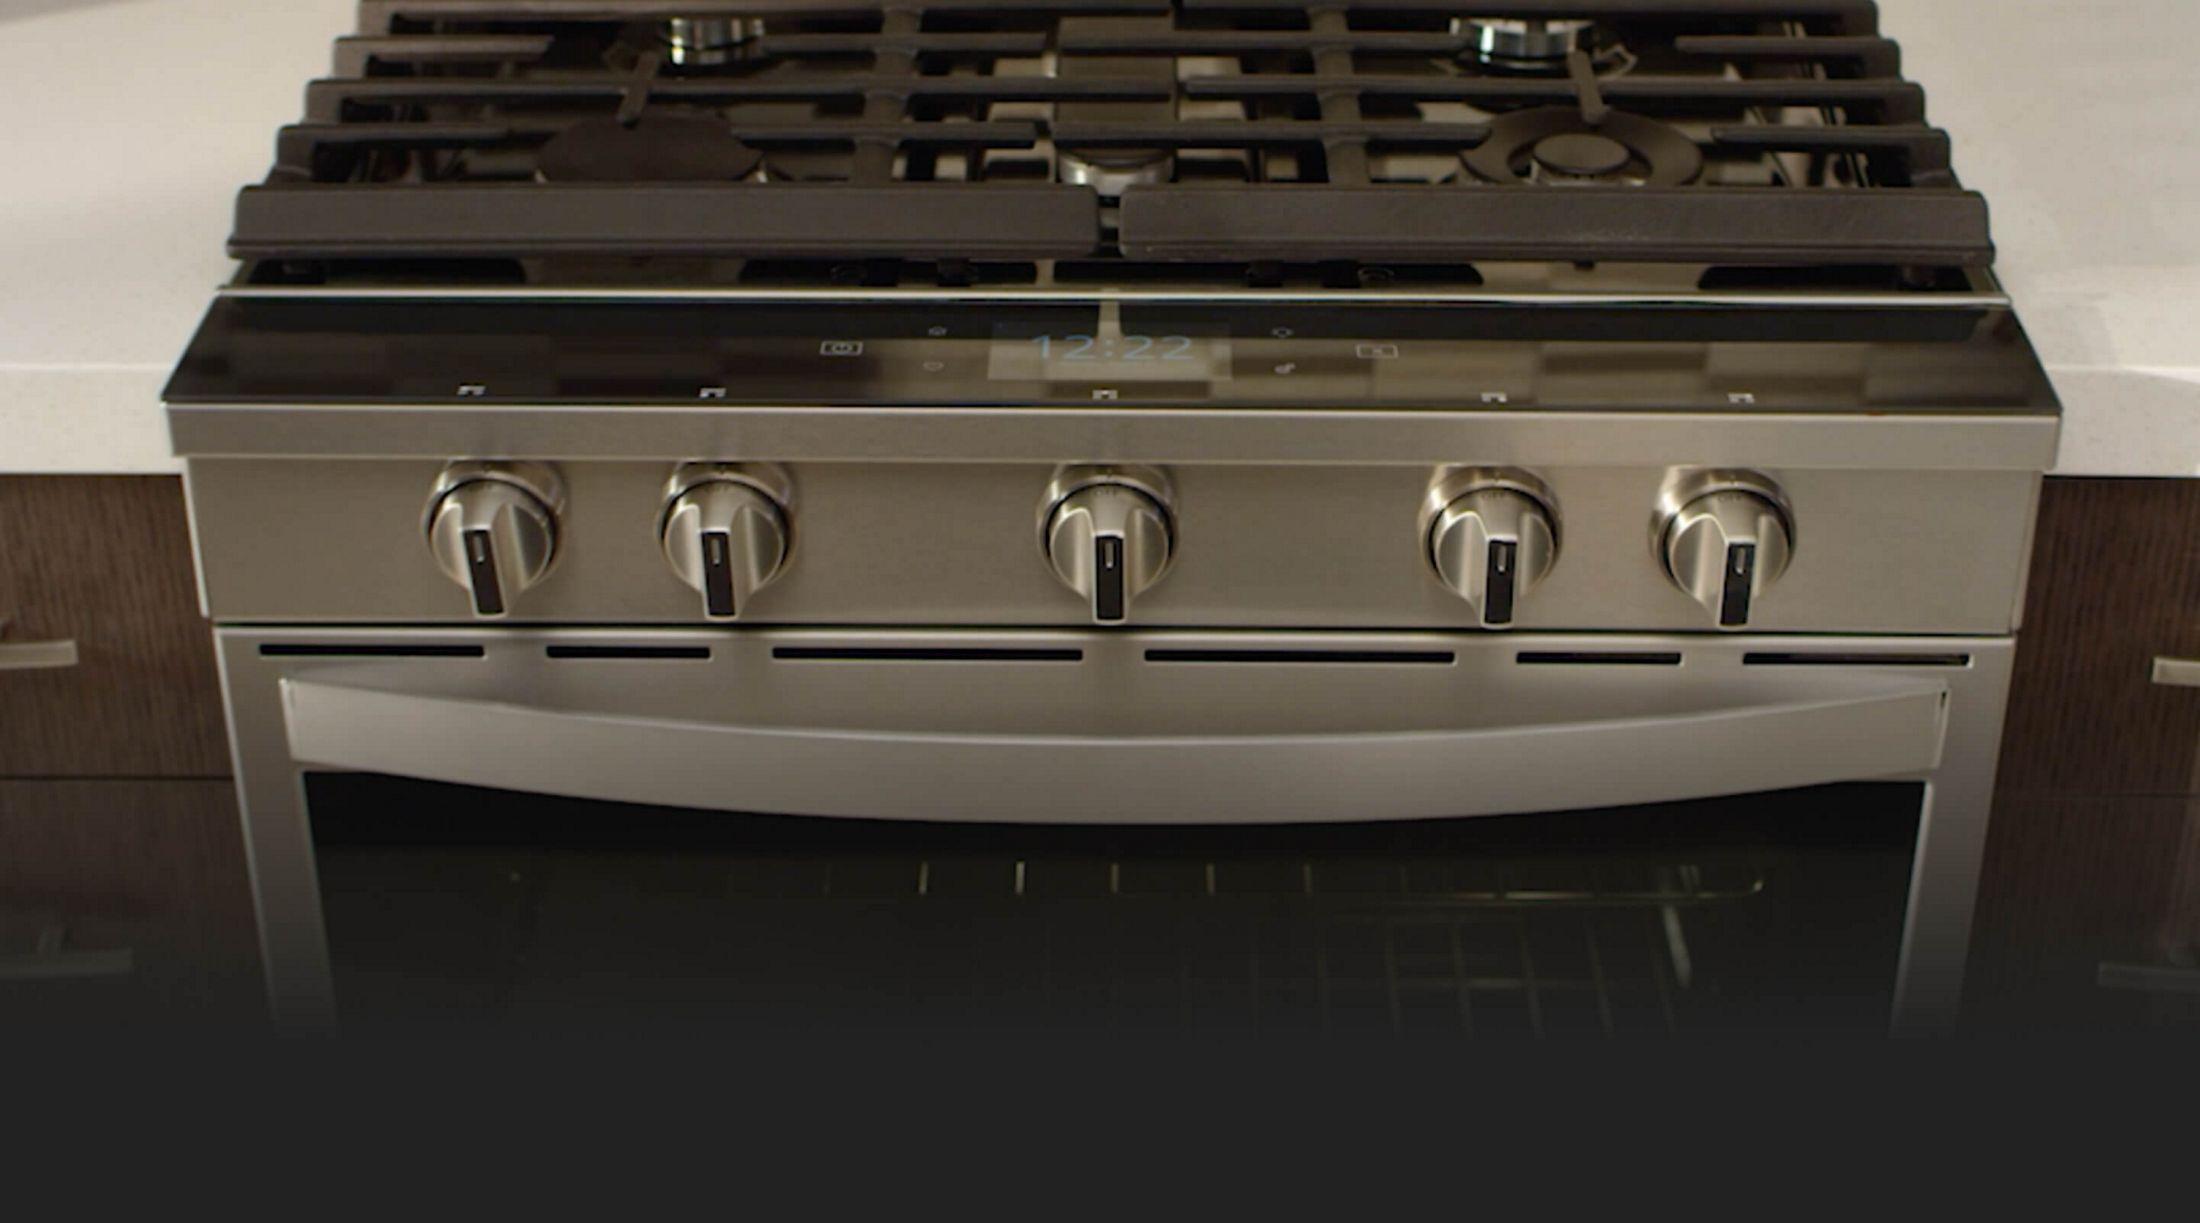 Whirlpool® smart slide-in range in a kitchen